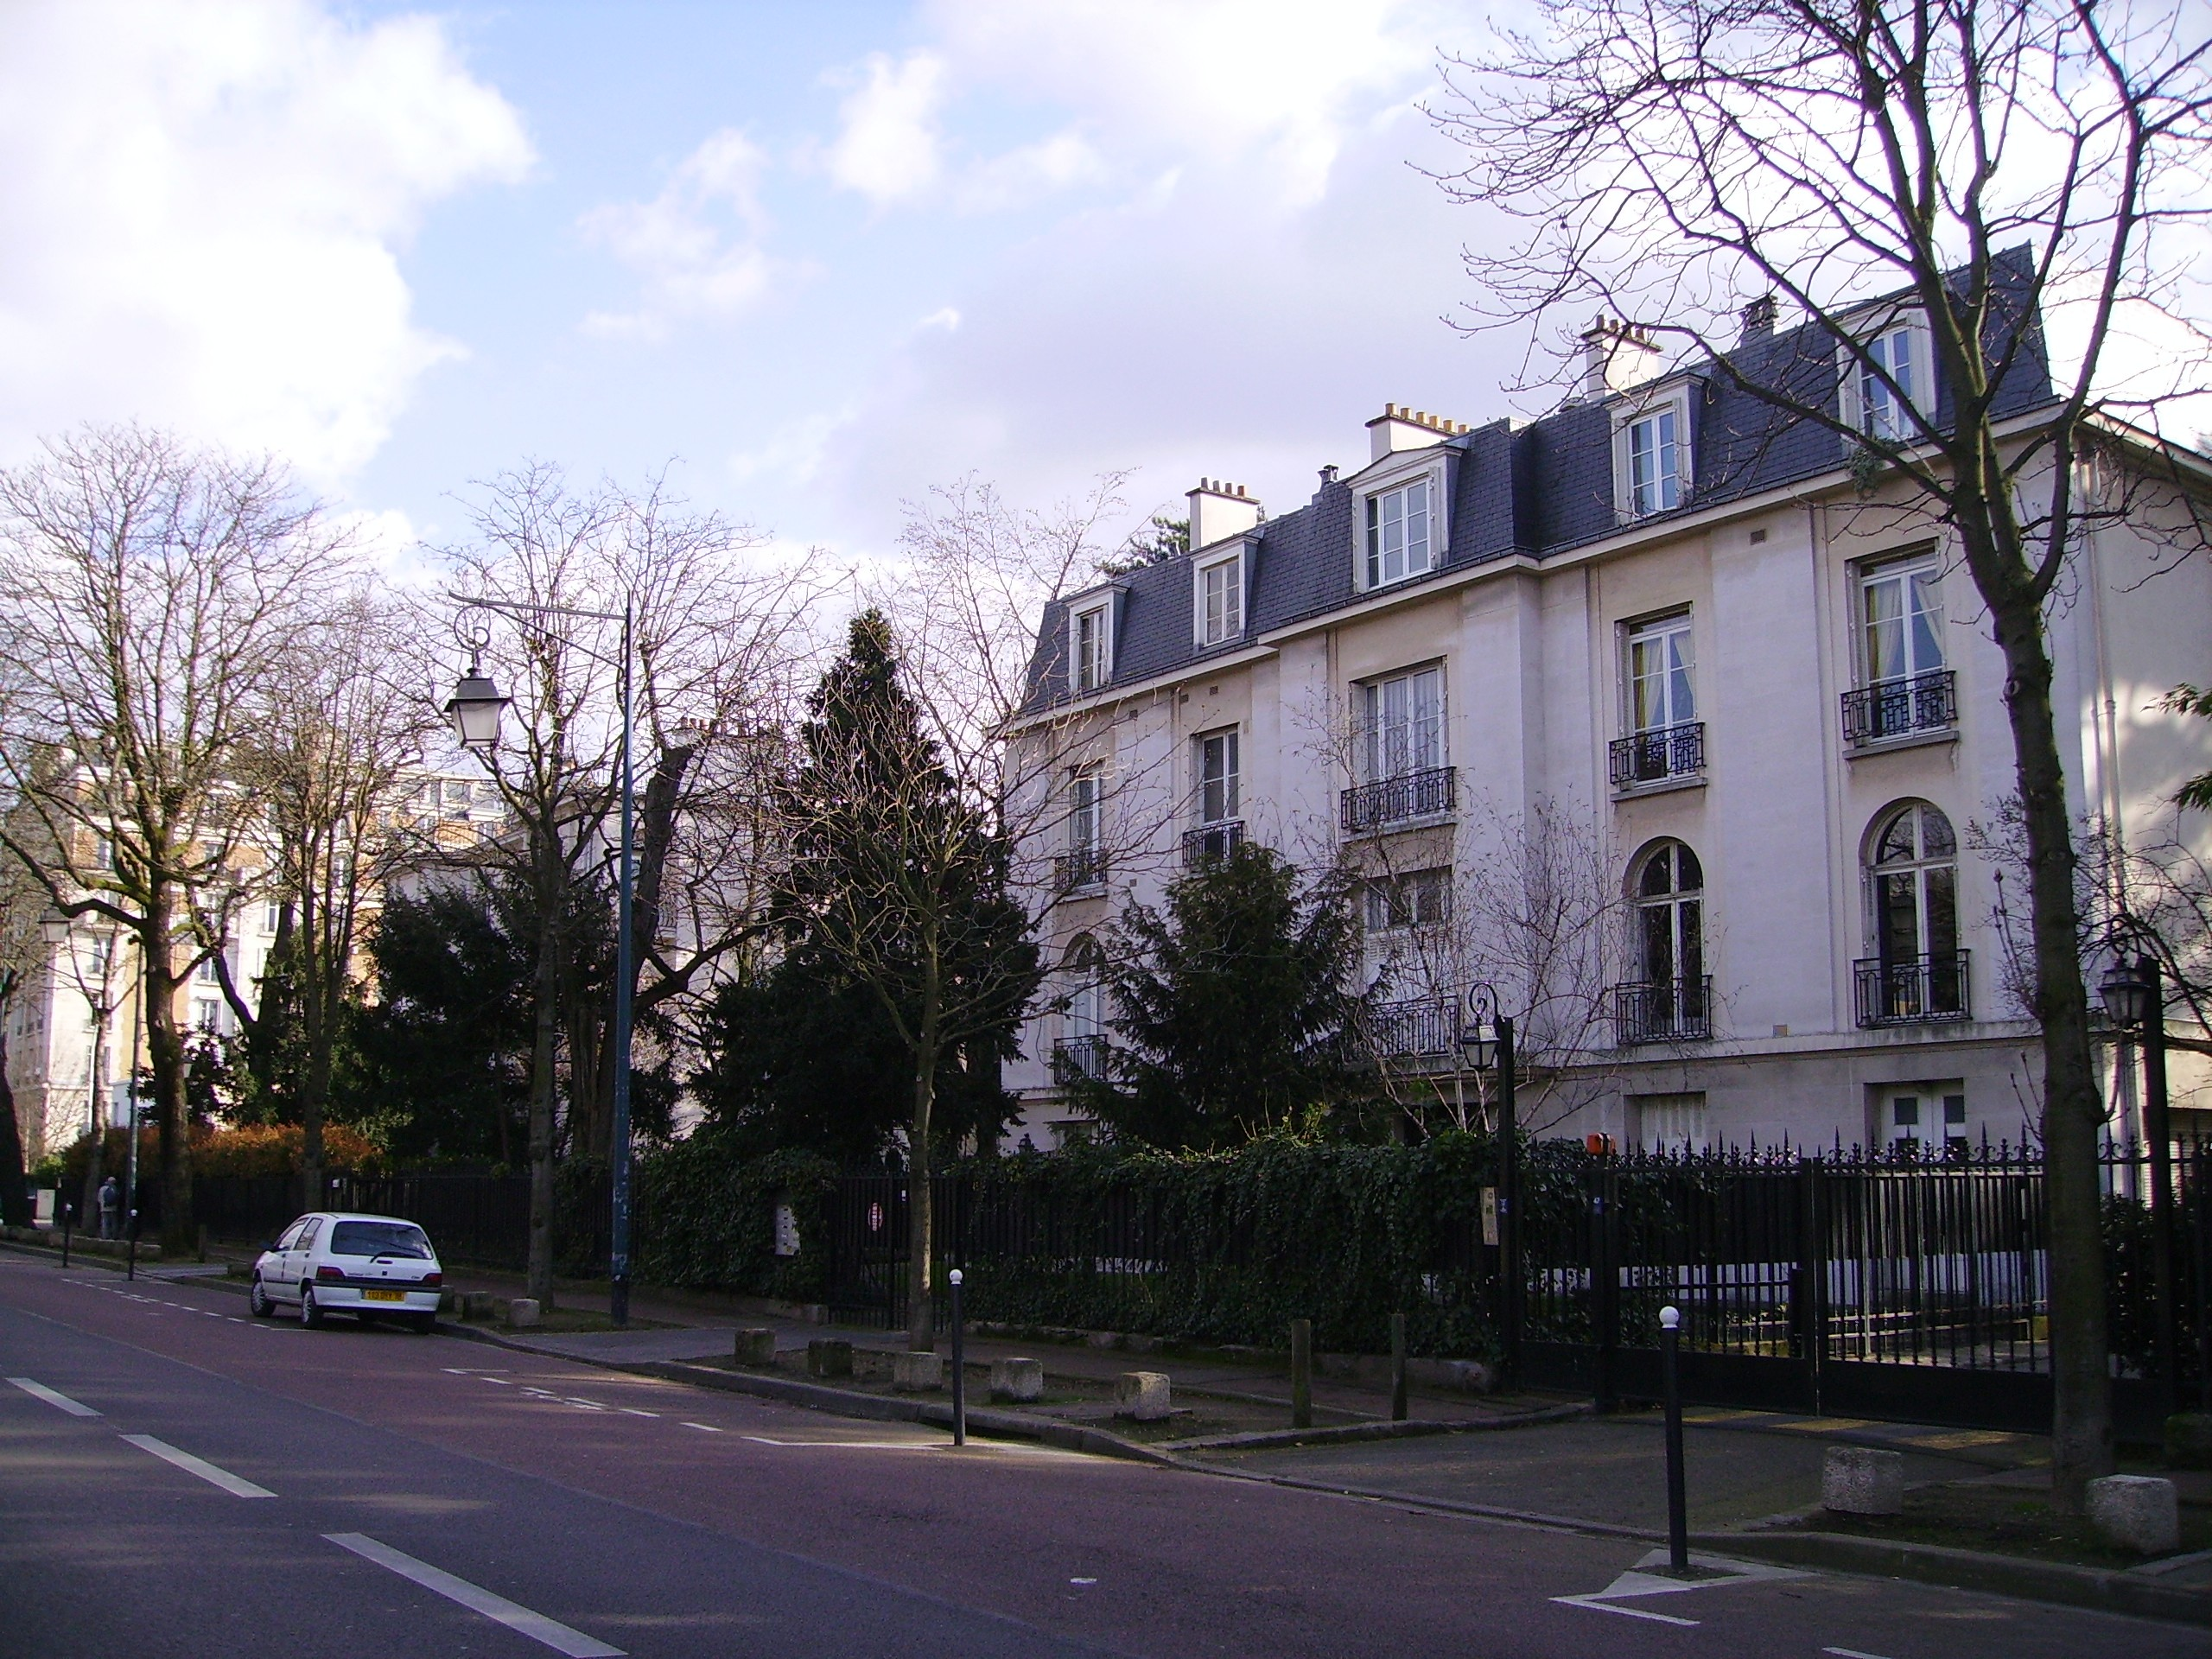 Boulogne billancourt image for Espaces verts boulogne billancourt